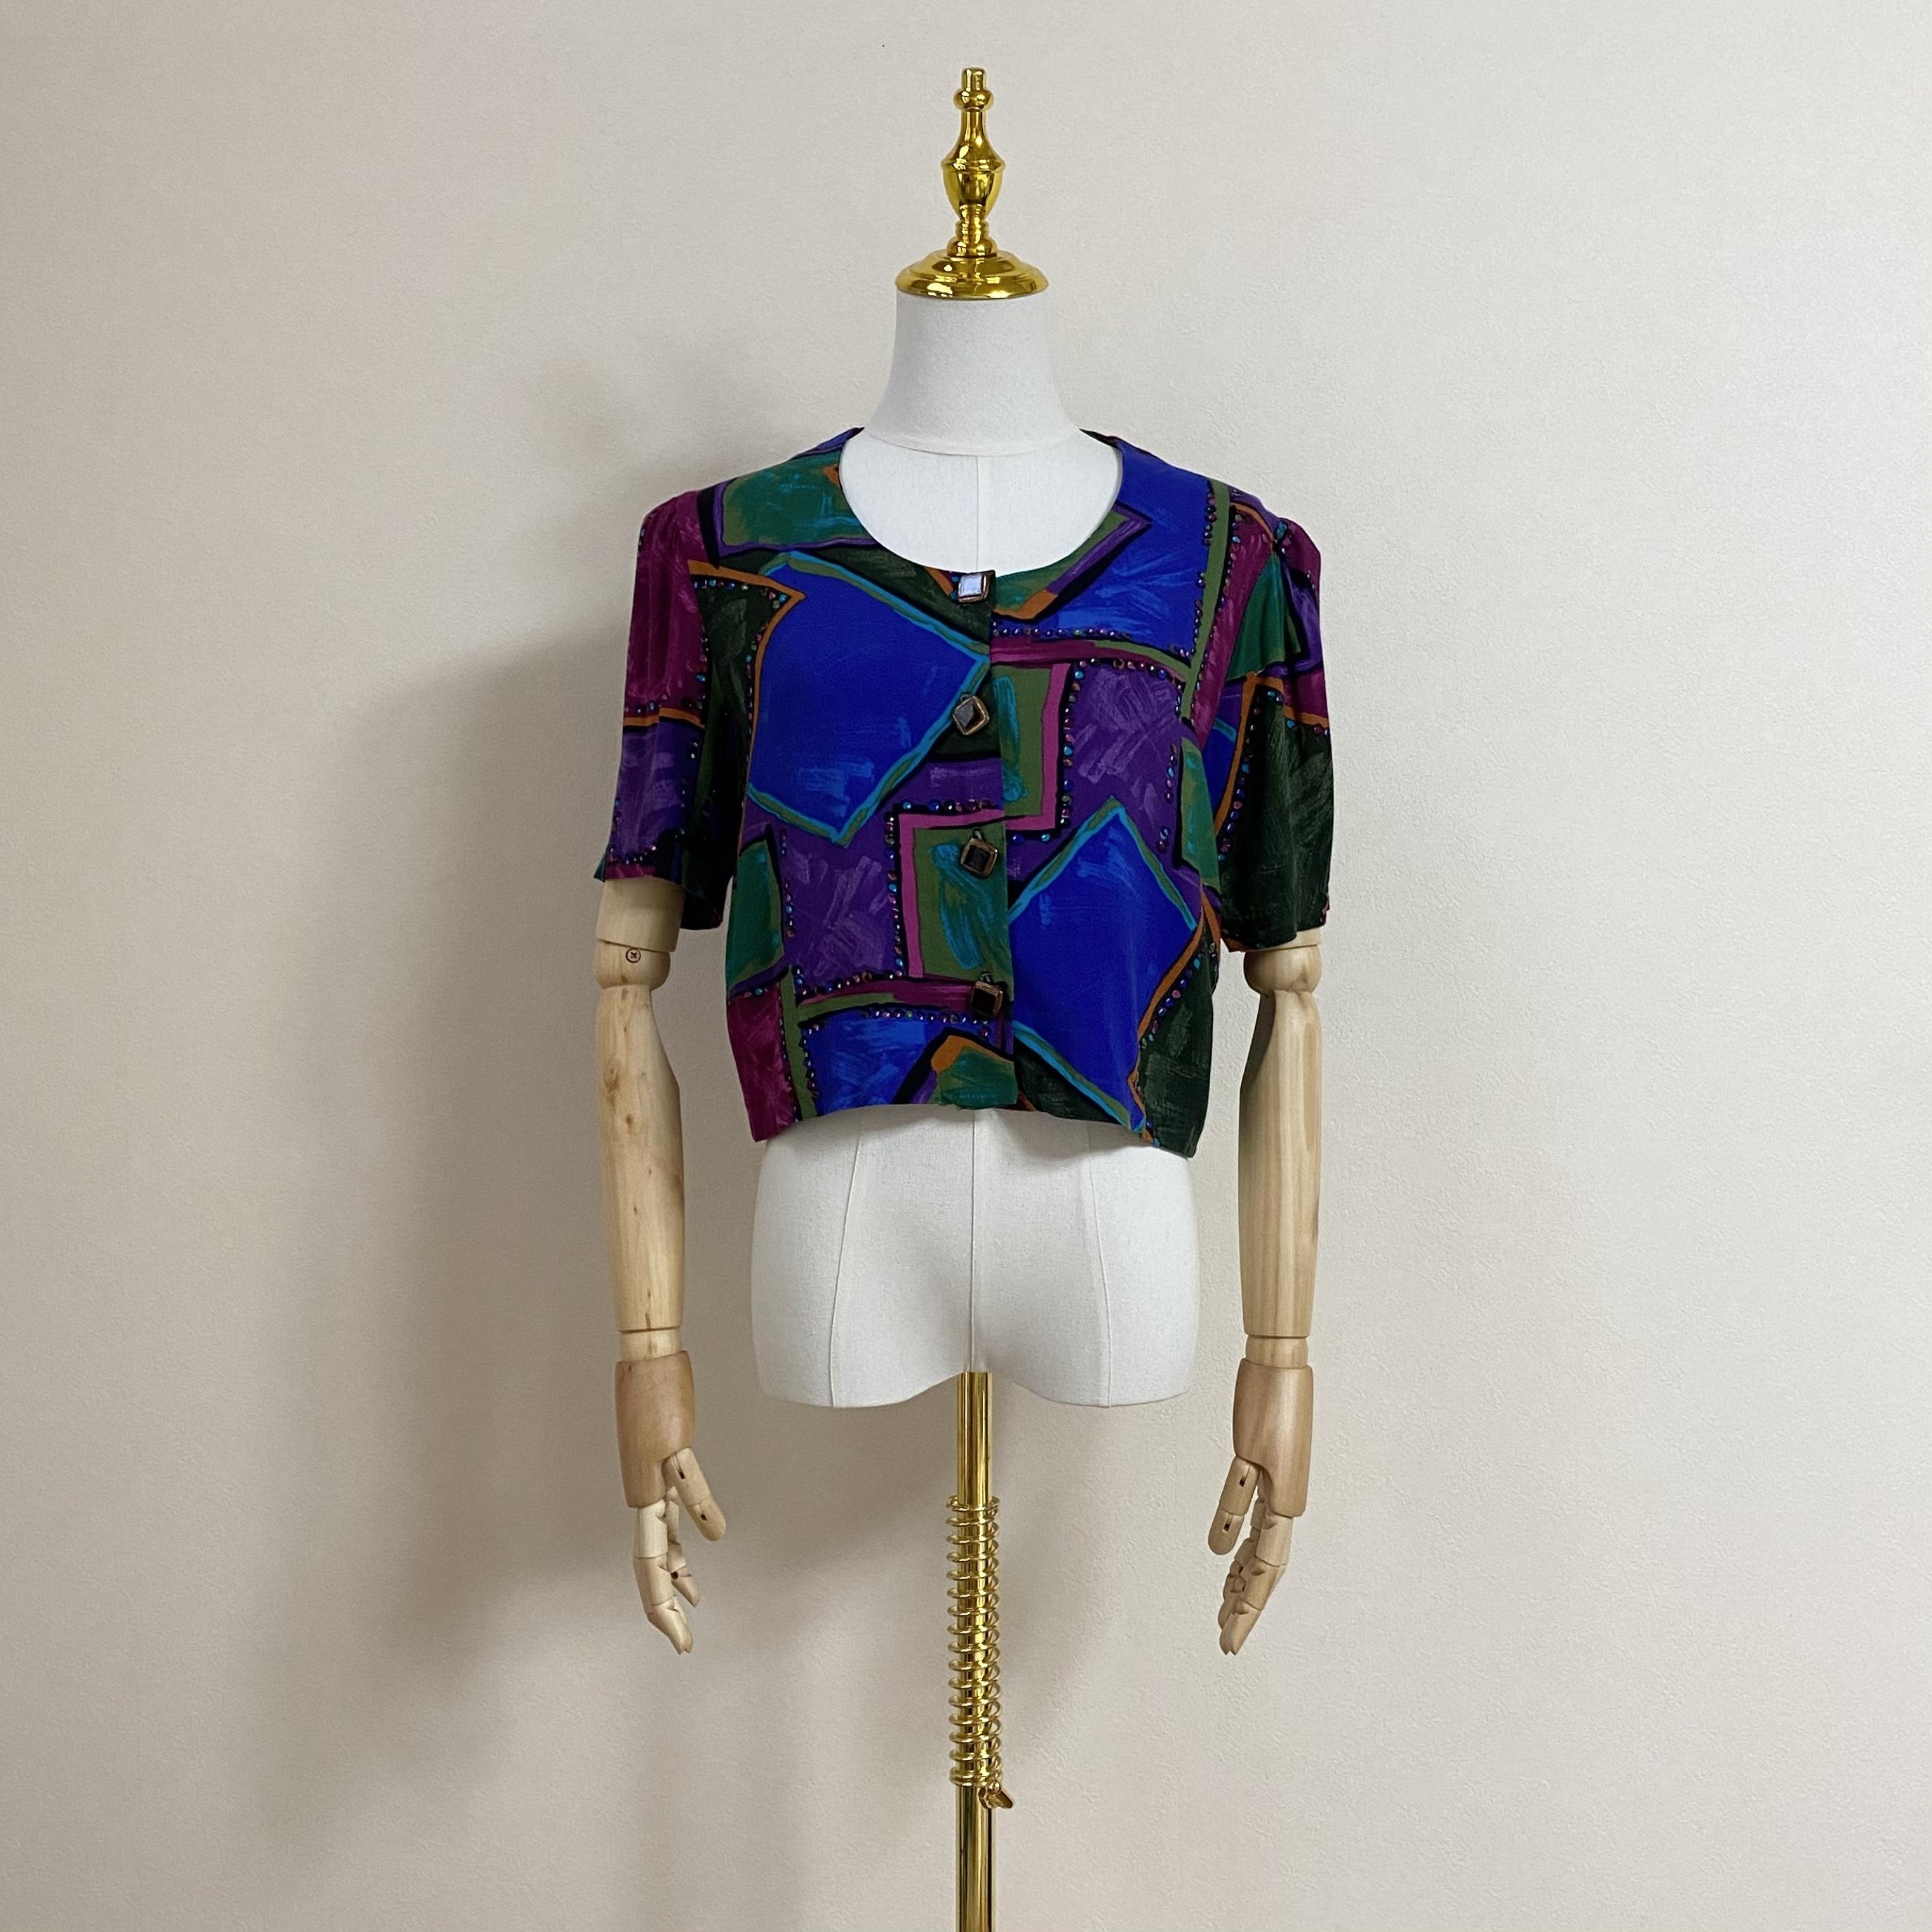 レディース ショートブラウス 総柄 アート柄 80年代 USA製 アメリカ古着 レーヨン 日本M